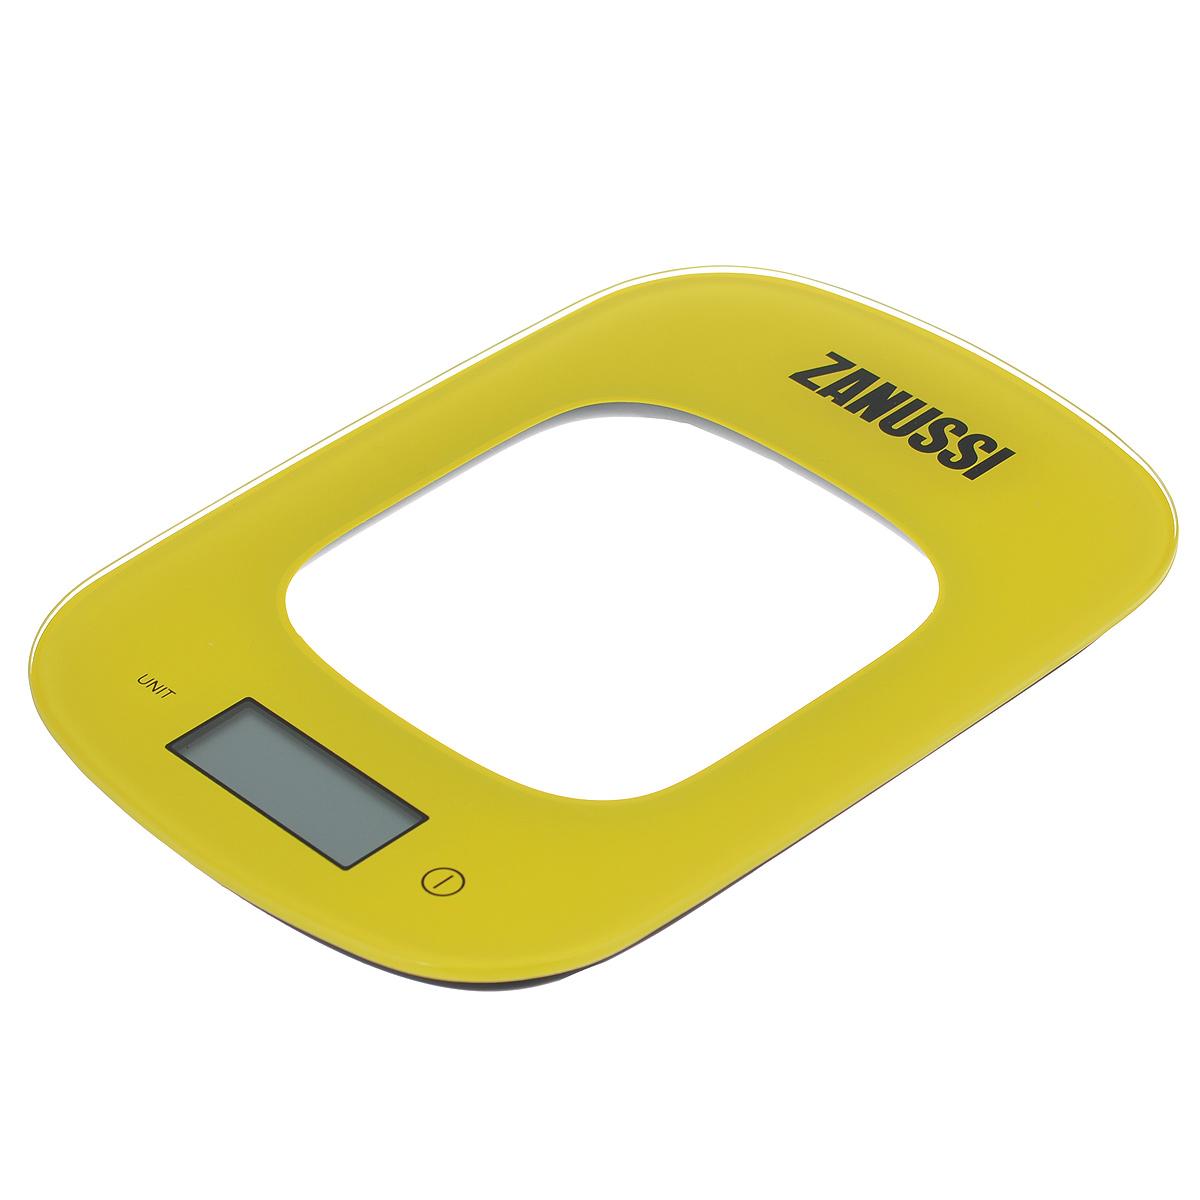 Весы кухонные Zanussi Venezia, электронные, цвет: желтый, до 5 кгZSE22222CFЭлектронные кухонные весы Zanussi Venezia придутся по душе каждой хозяйке и станут незаменимым аксессуаром на кухне. Ультратонкий корпус весов выполнен из пластика с цифровым ЖК-дисплеем. Весы выдерживают до 5 килограмм и оснащены высокоточной сенсорной измерительной системой. Имеется индикатор низкого заряда батареи. С помощью таких электронных весов можно точно контролировать пропорции ингредиентов. УВАЖАЕМЫЕ КЛИЕНТЫ! Обращаем ваше внимание, что весы работают от одной литиевой батарейки CR2032 напряжением 3V (входит в комплект).